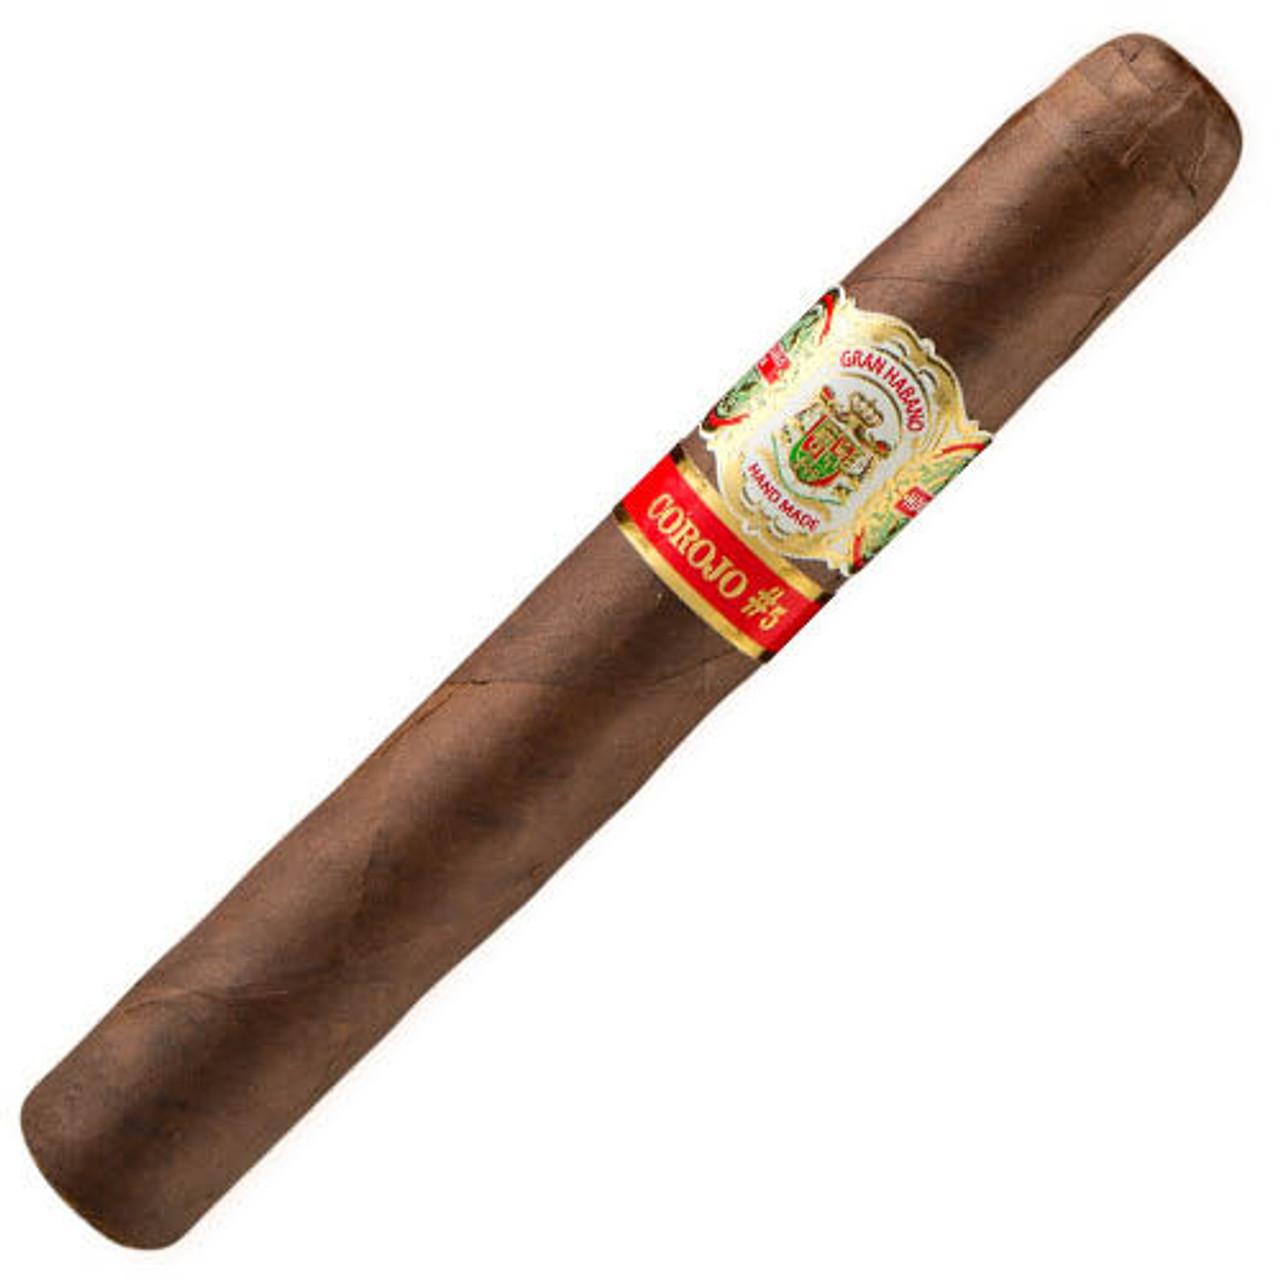 Gran Habano #5 Corojo Gran Robusto Cigars - 6 x 54 (Pack of 5)